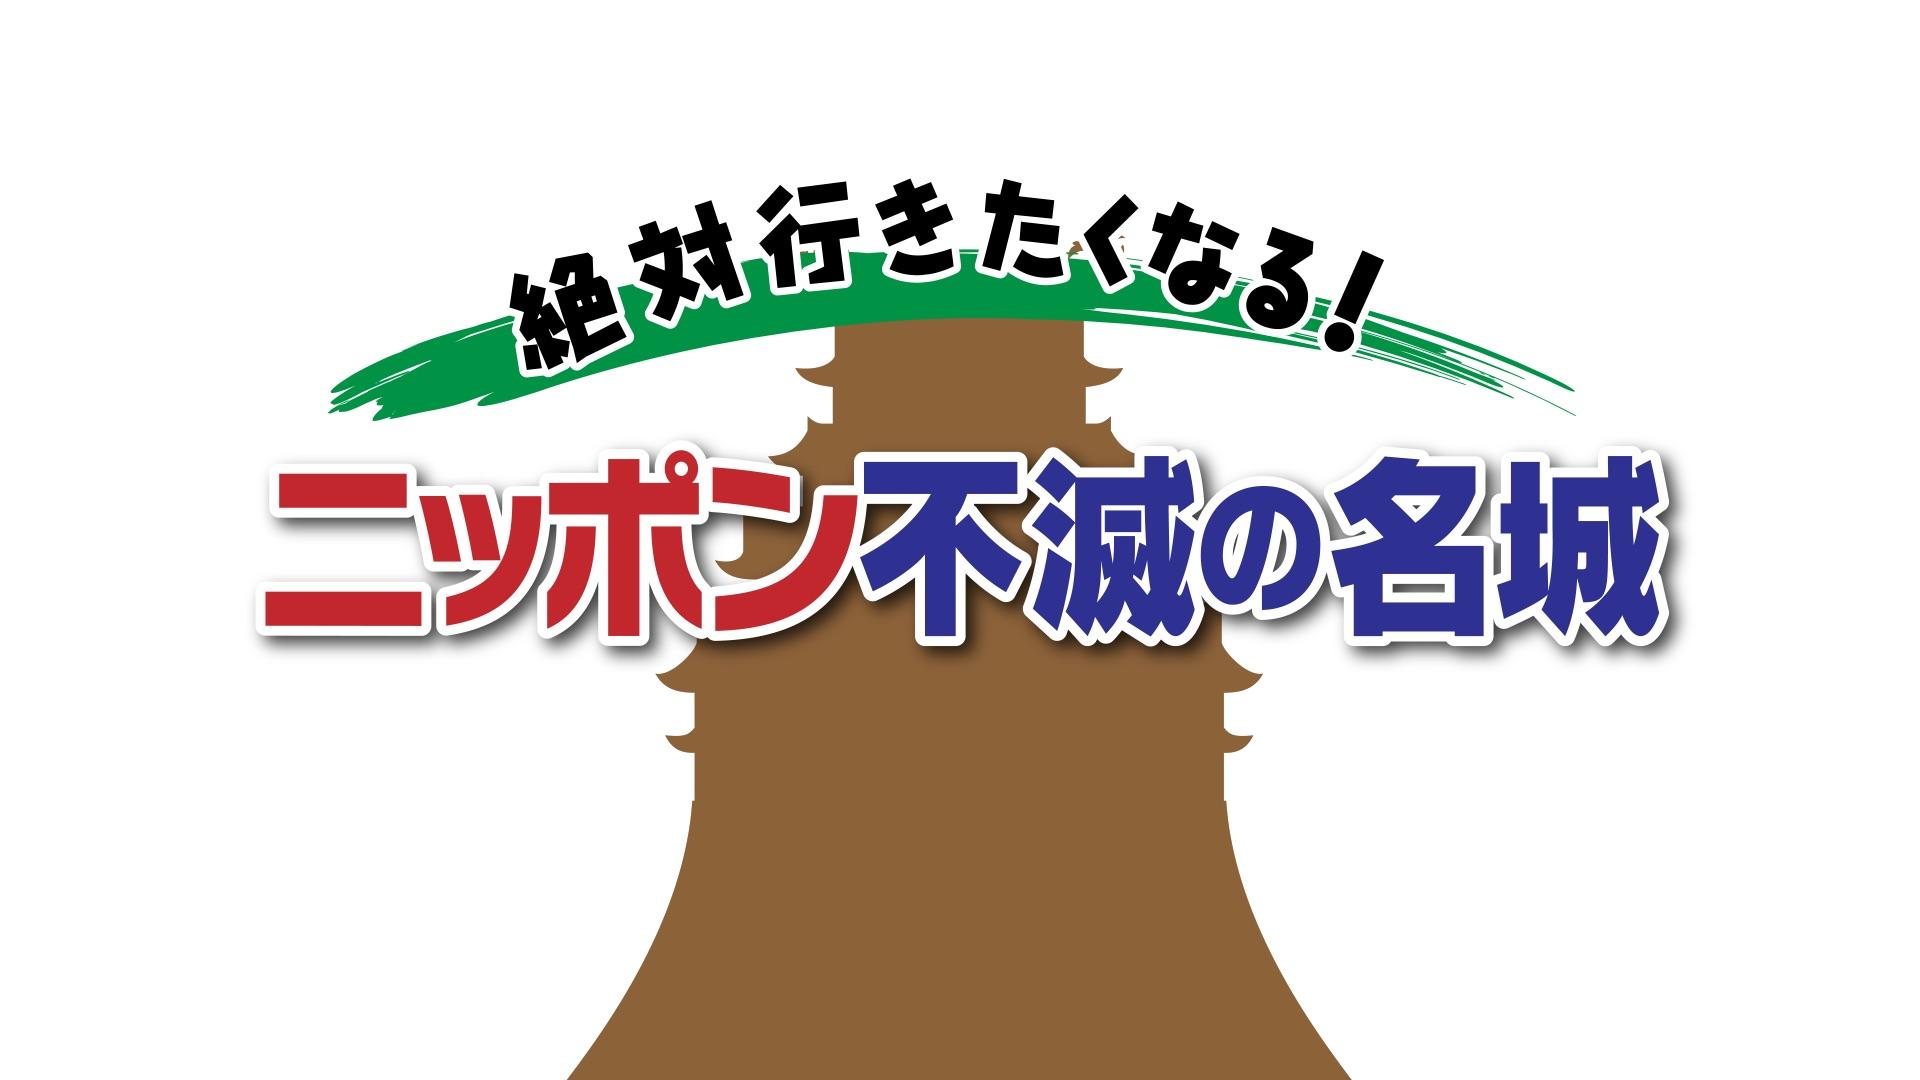 絶対行きたくなる!ニッポン不滅の名城「大坂城」